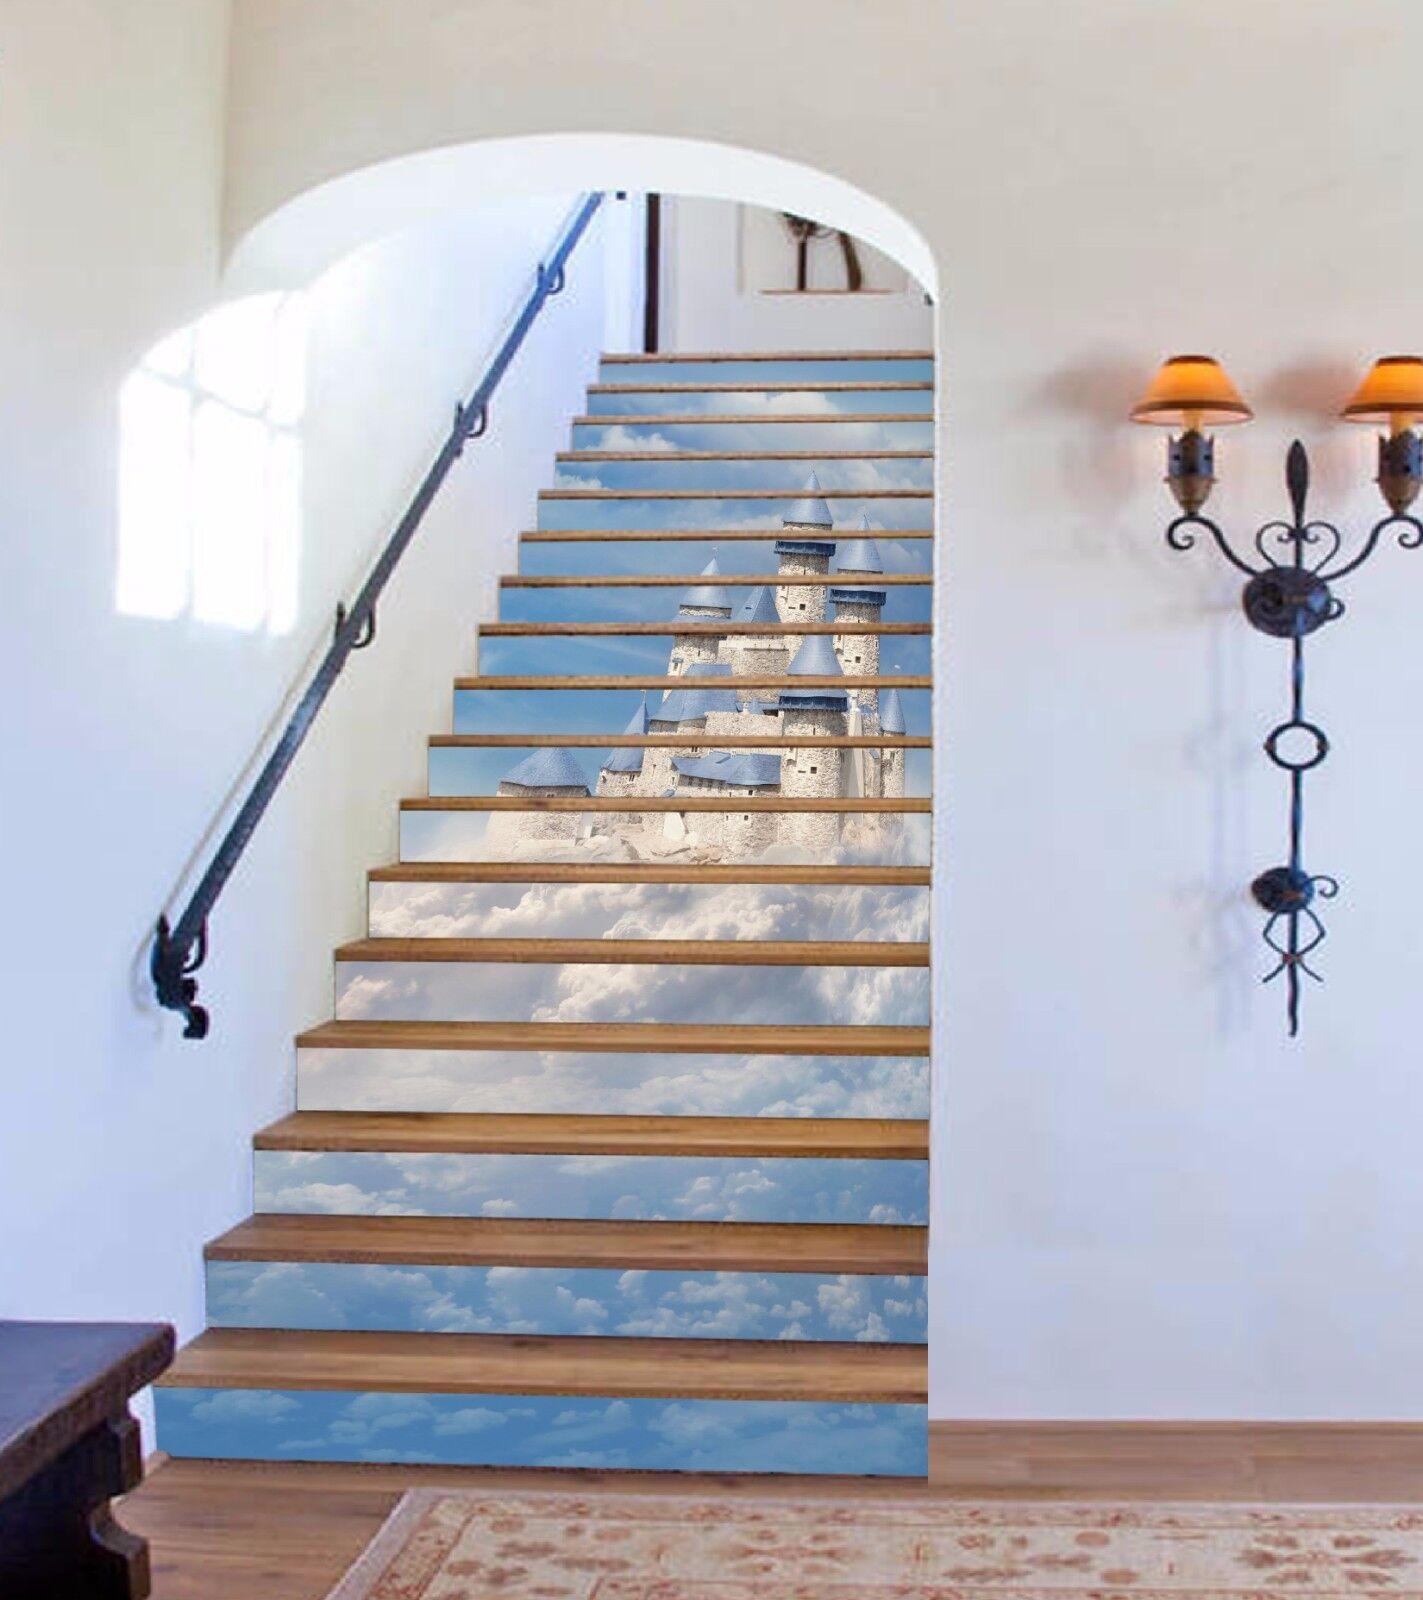 3D Castle Cloud 836 Stair Risers Decoration Photo Mural Vinyl Decal Wallpaper AU